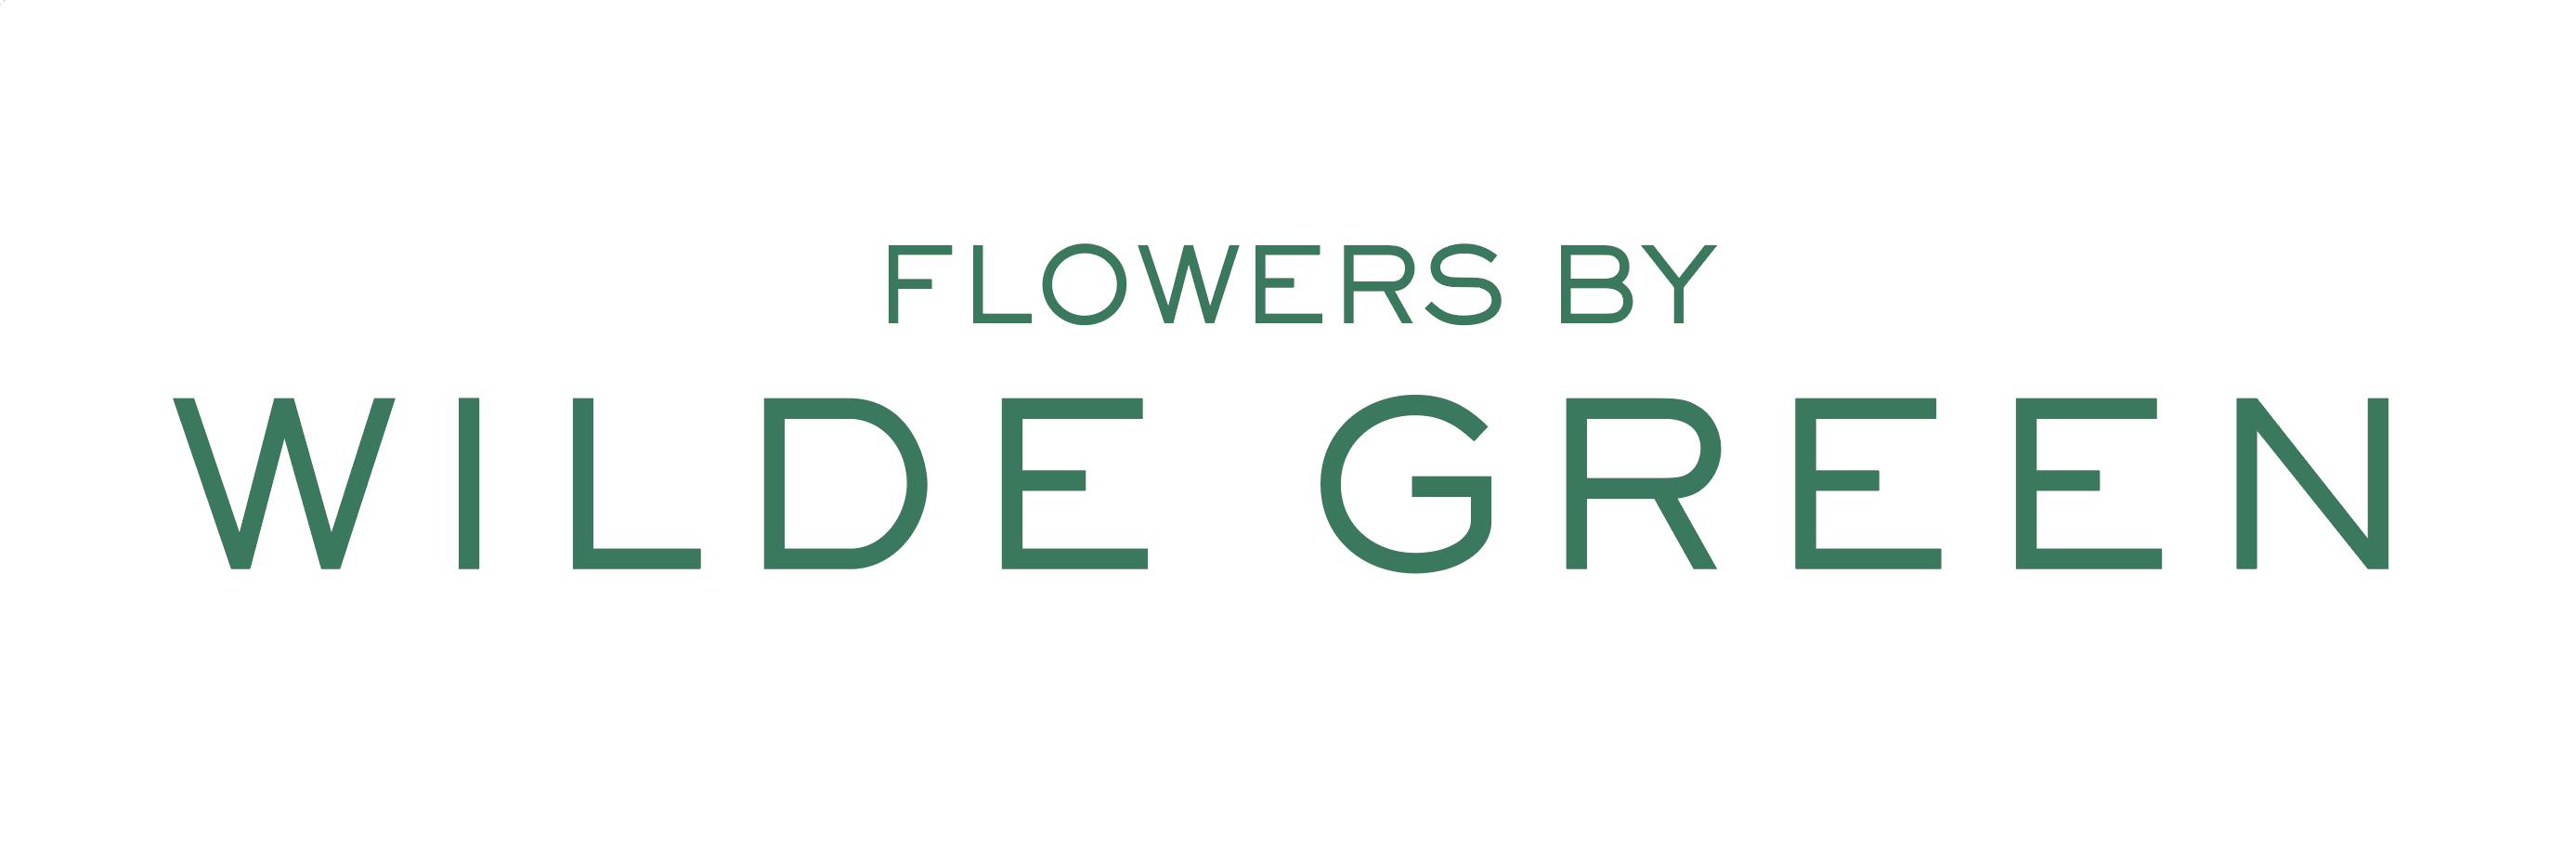 Flowers by Wilde Green